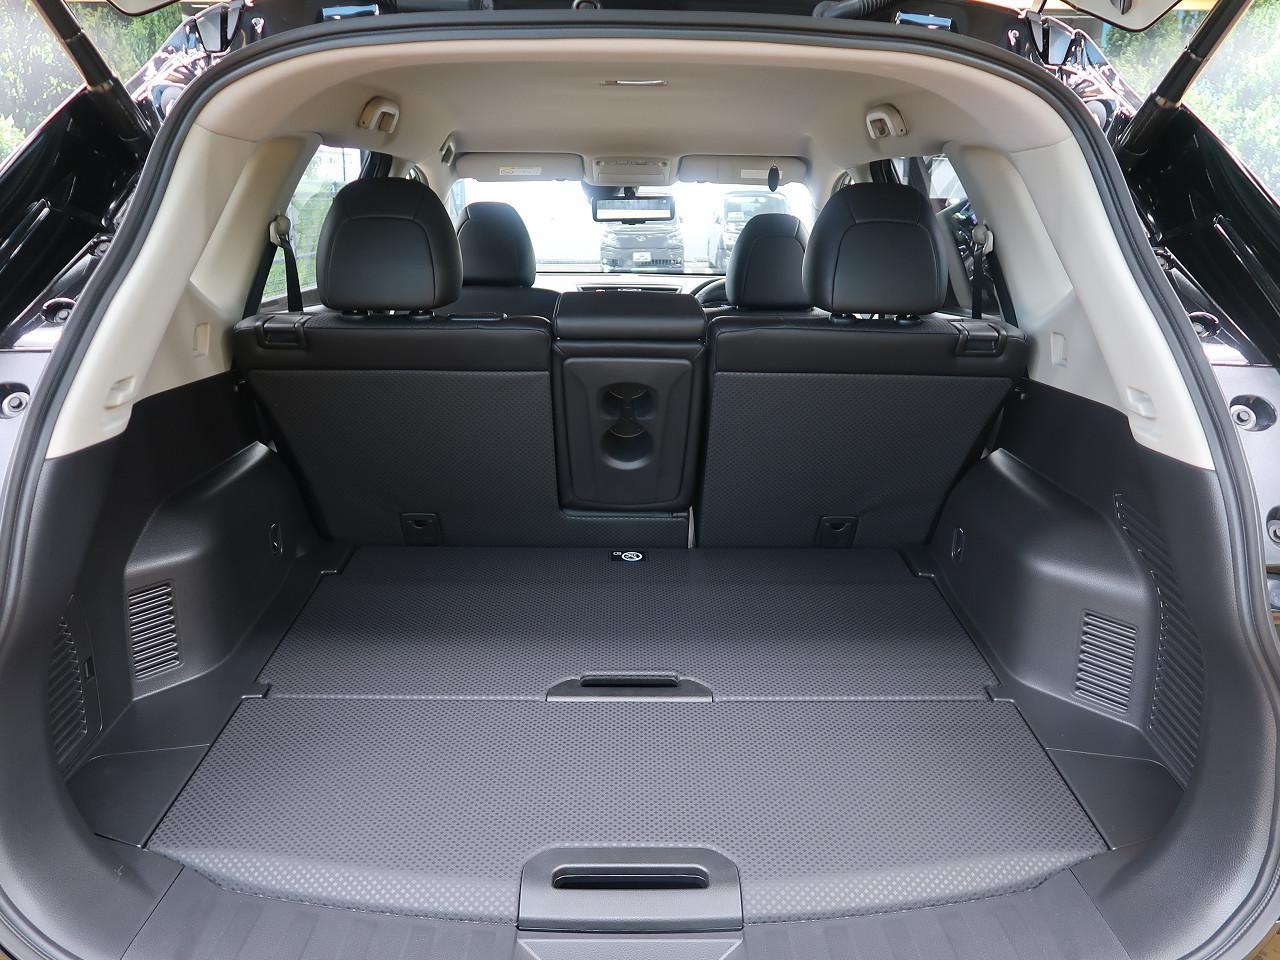 アウトドアで活躍するSUV、日産 エクストレイルの魅力とは?   SUV LAND